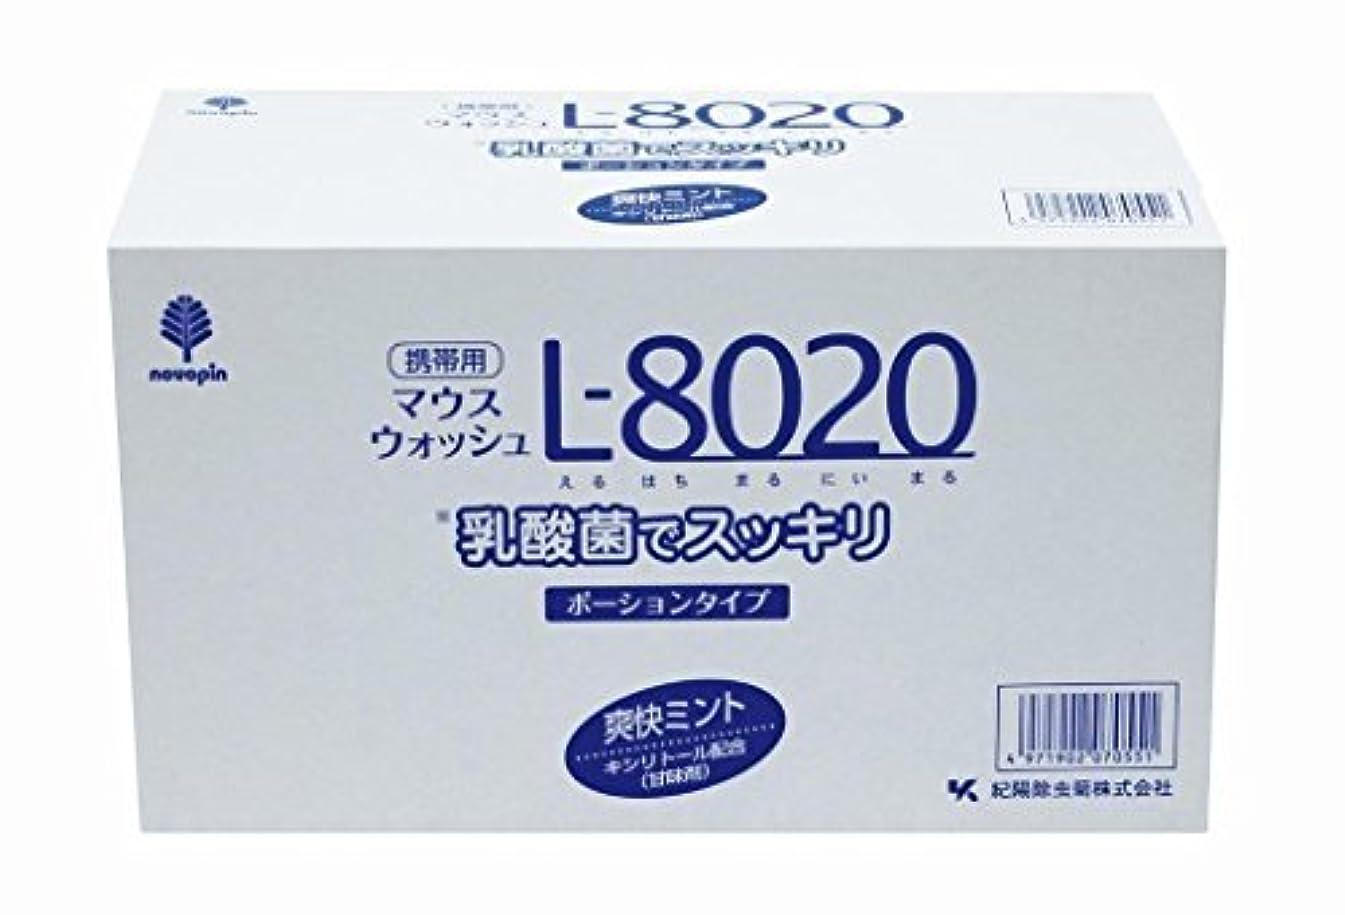 かご効率的悲しむクチュッペL-8020爽快ミントポーションタイプ100個入(アルコール) 【まとめ買い10個セット】 K-7055 日本製 Japan